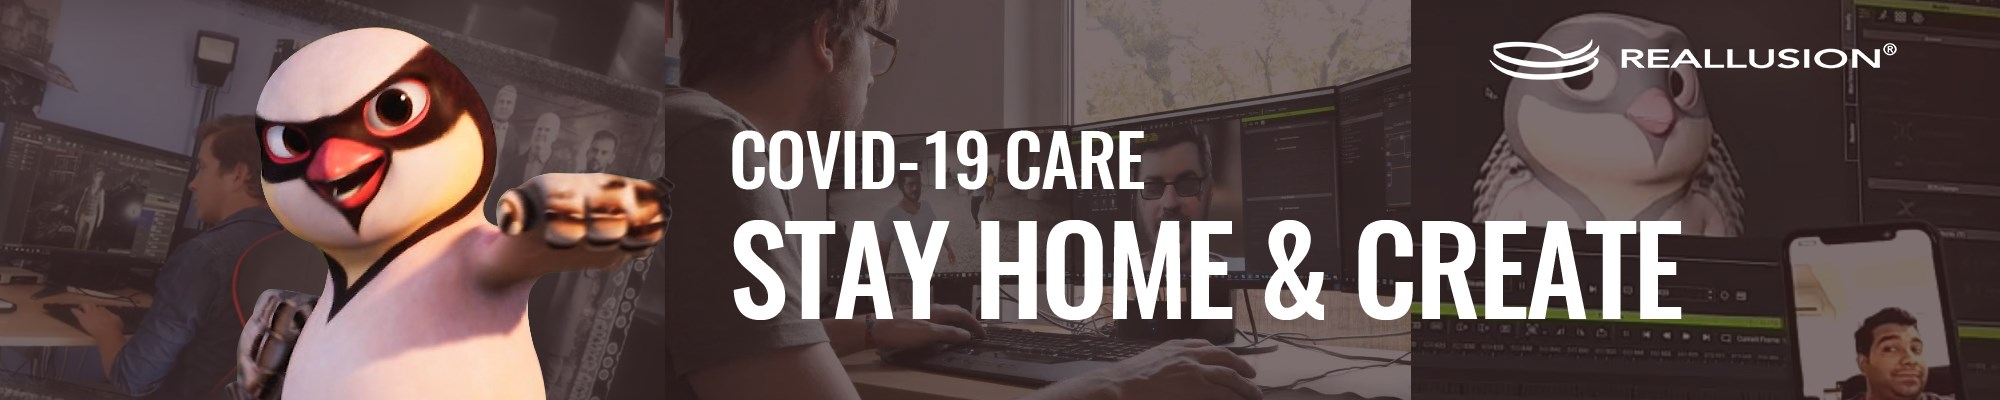 Reallusion COVID-19 CARE - Stay Home & Create